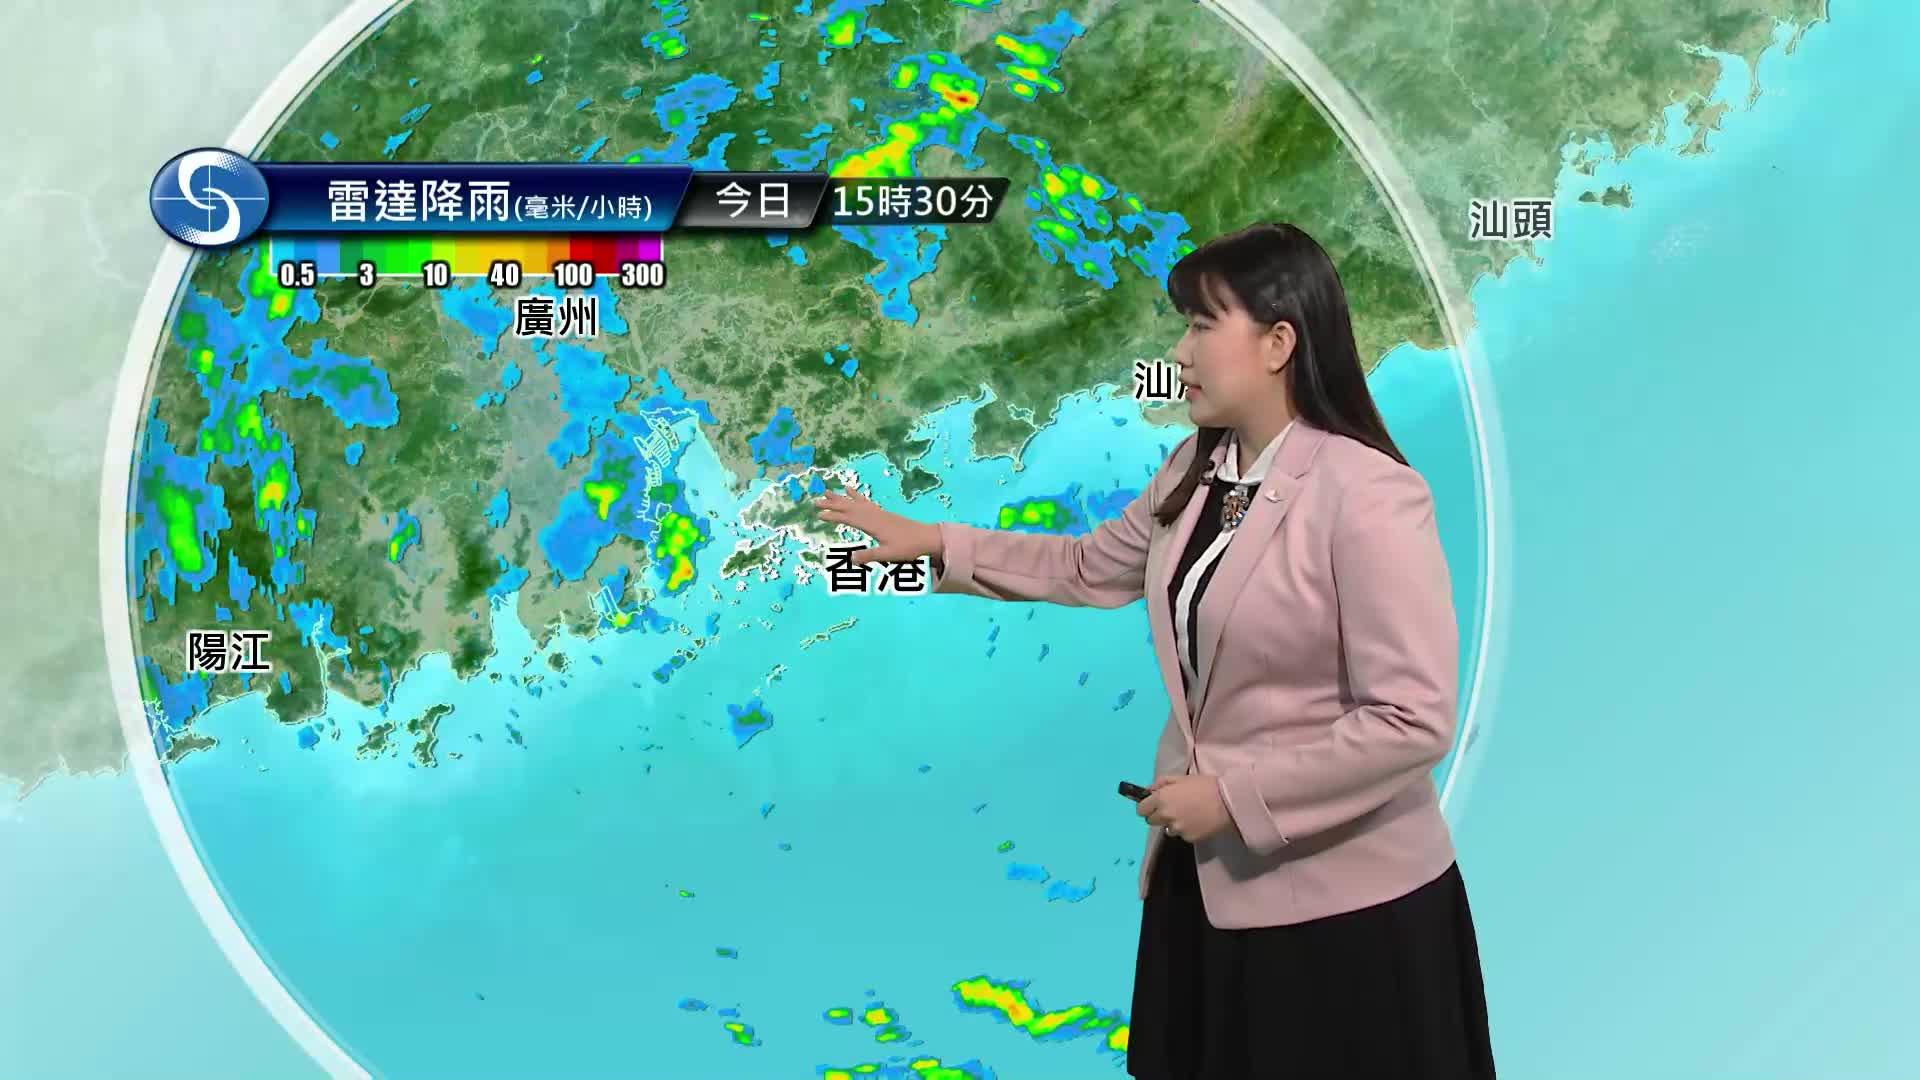 黃昏天氣節目(07月21日下午6時) - 科學主任梁恩瑜